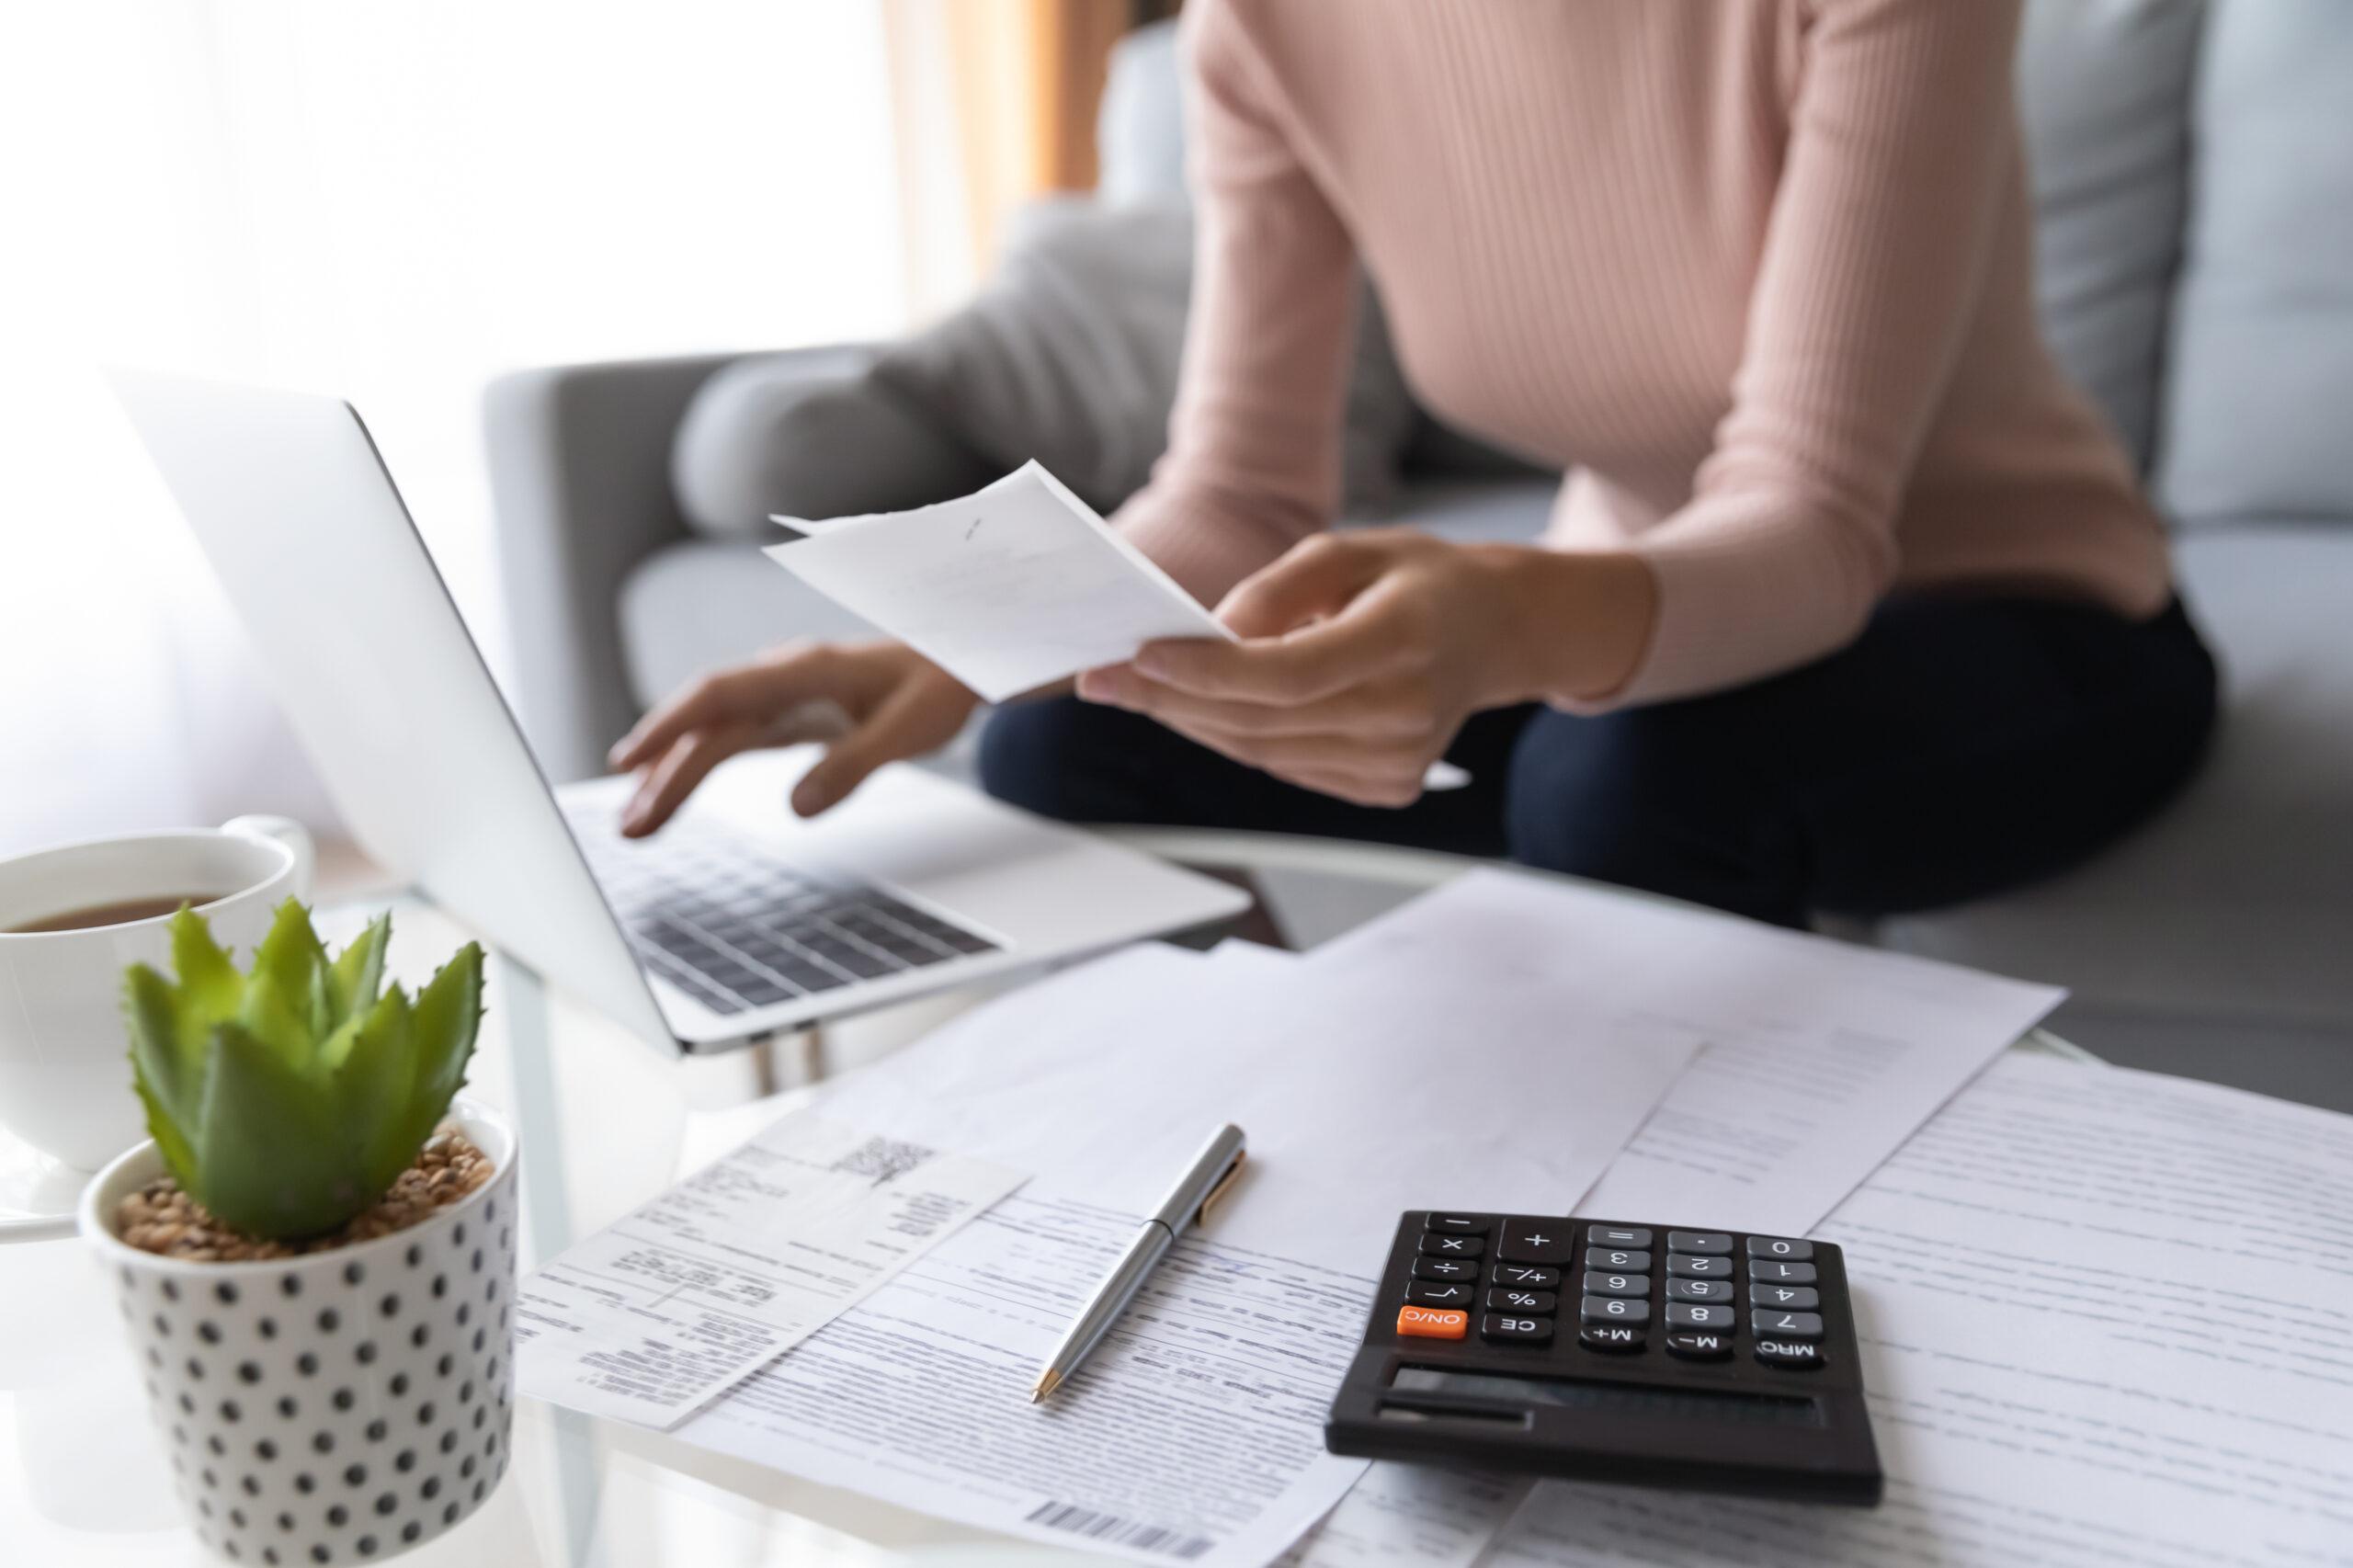 Nainen beigessä paidassa istuu näpyttämässä tietokonetta ja pitää kädessään paperia. Etualalla pöydällä myös taskulaskin, papereita ja kuulakärkikynä